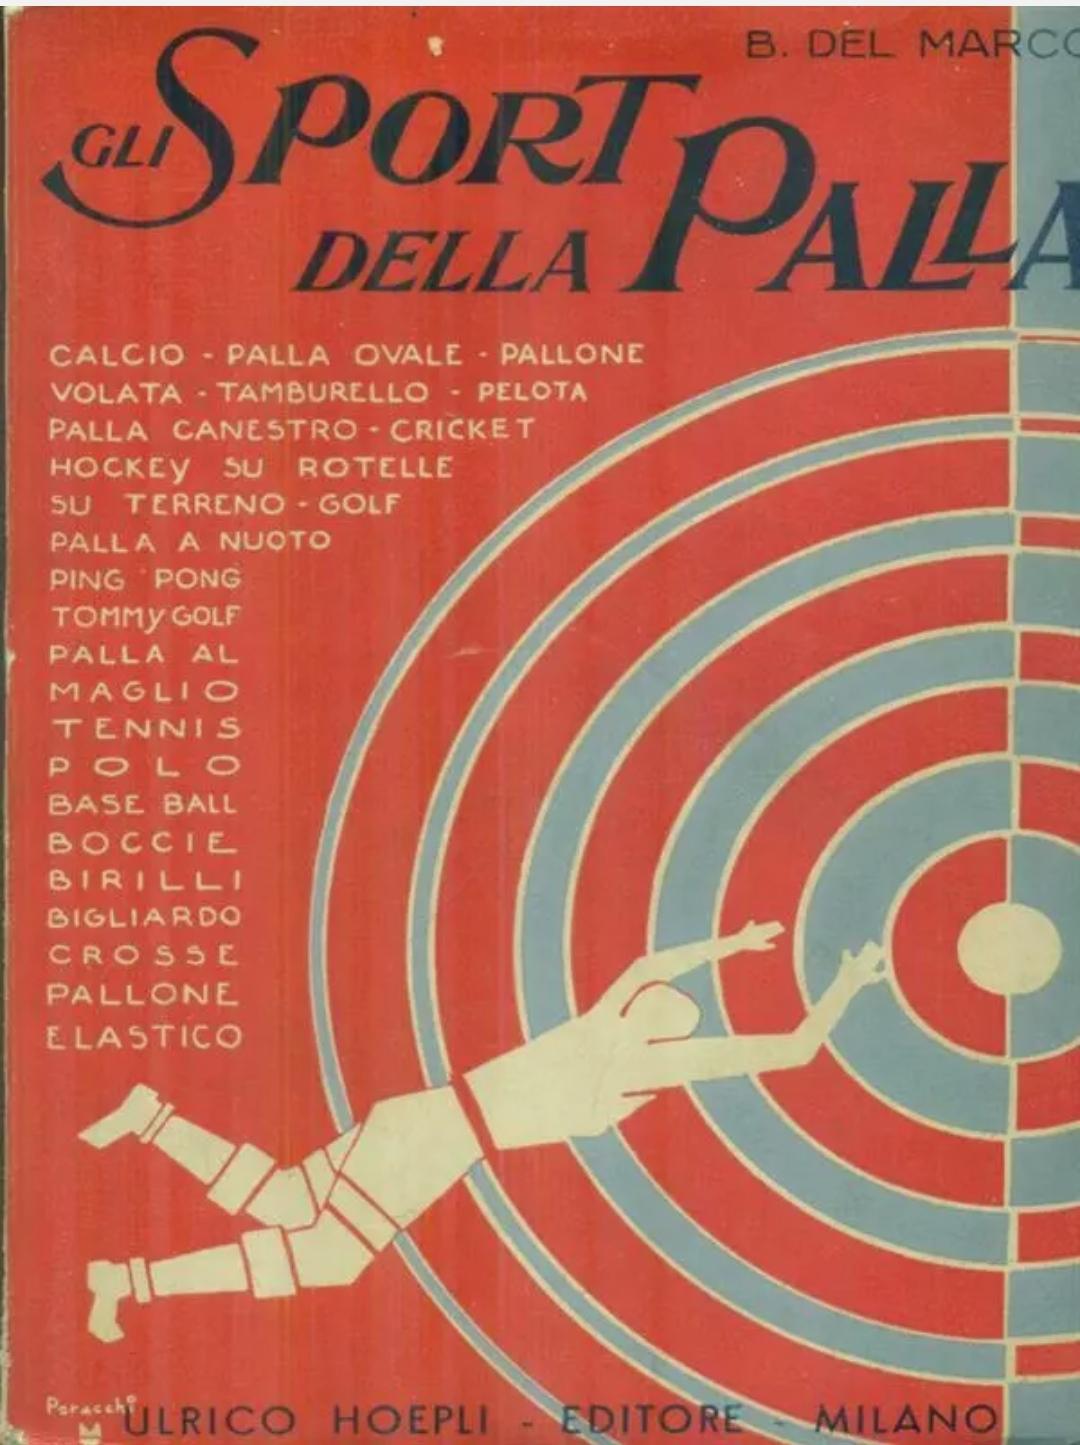 GLI SPORT DELLA PALLA PRIMA EDIZIONE DEL MARCO BENITO ULRICO HOEPLI ED. 1933